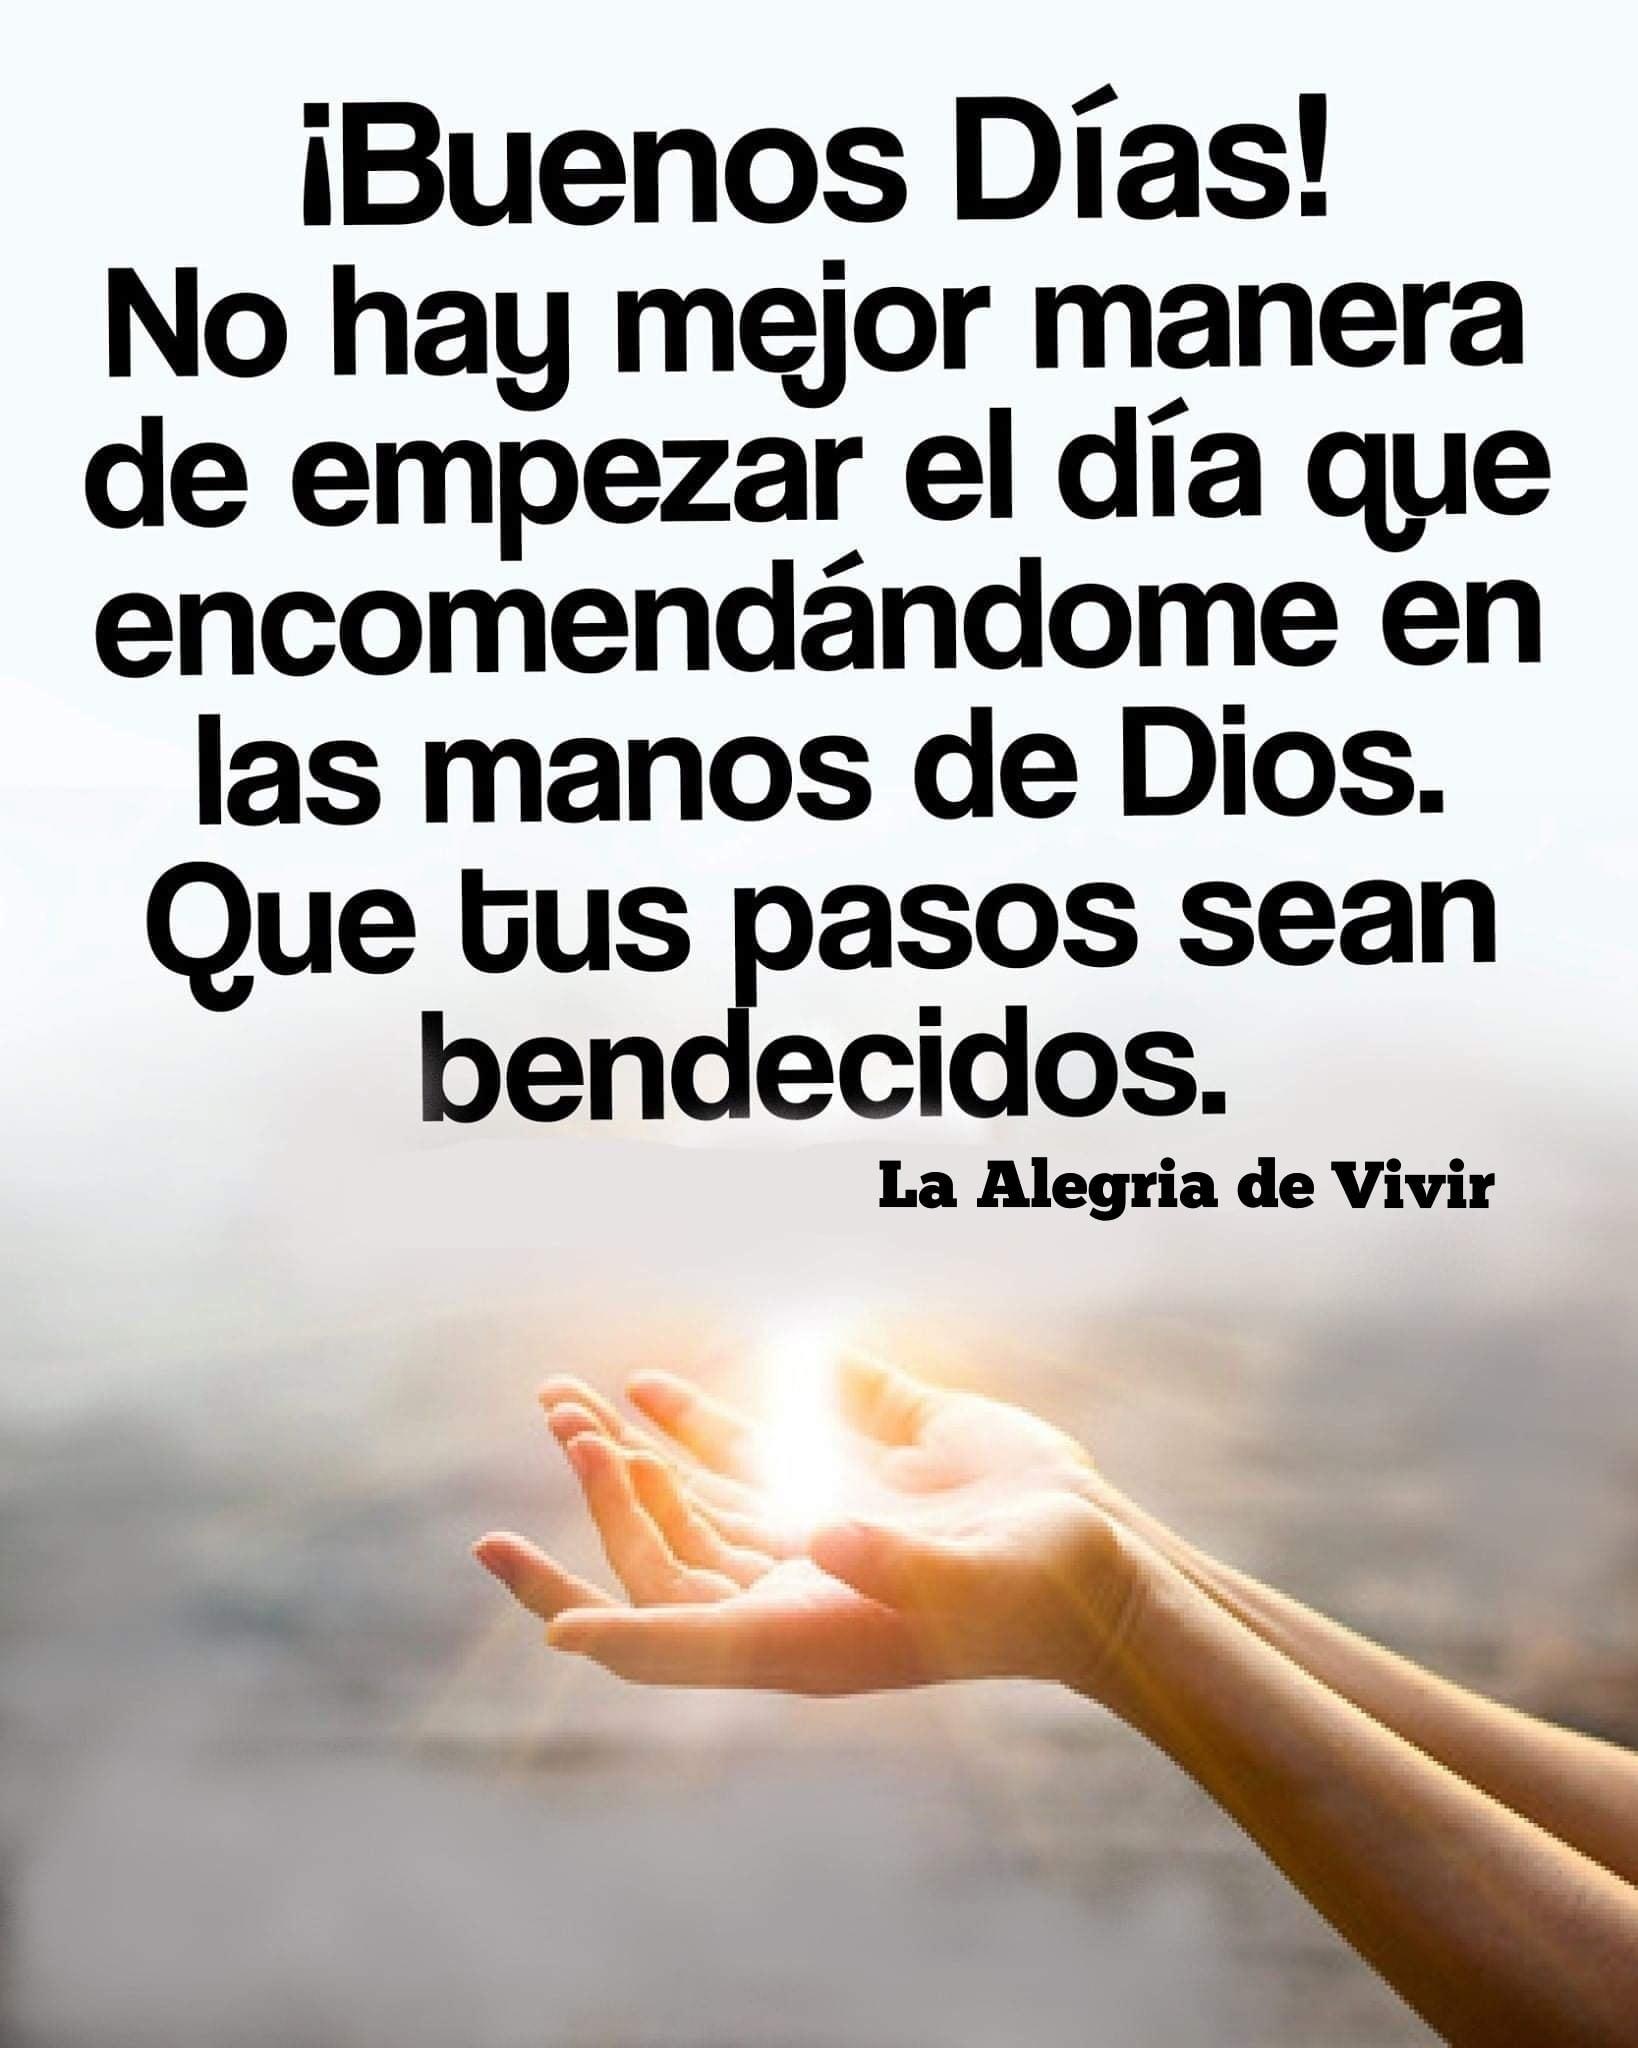 Buenos Días. No hay mejor manera de empezar el día que encomendándome en las manos de Dios....